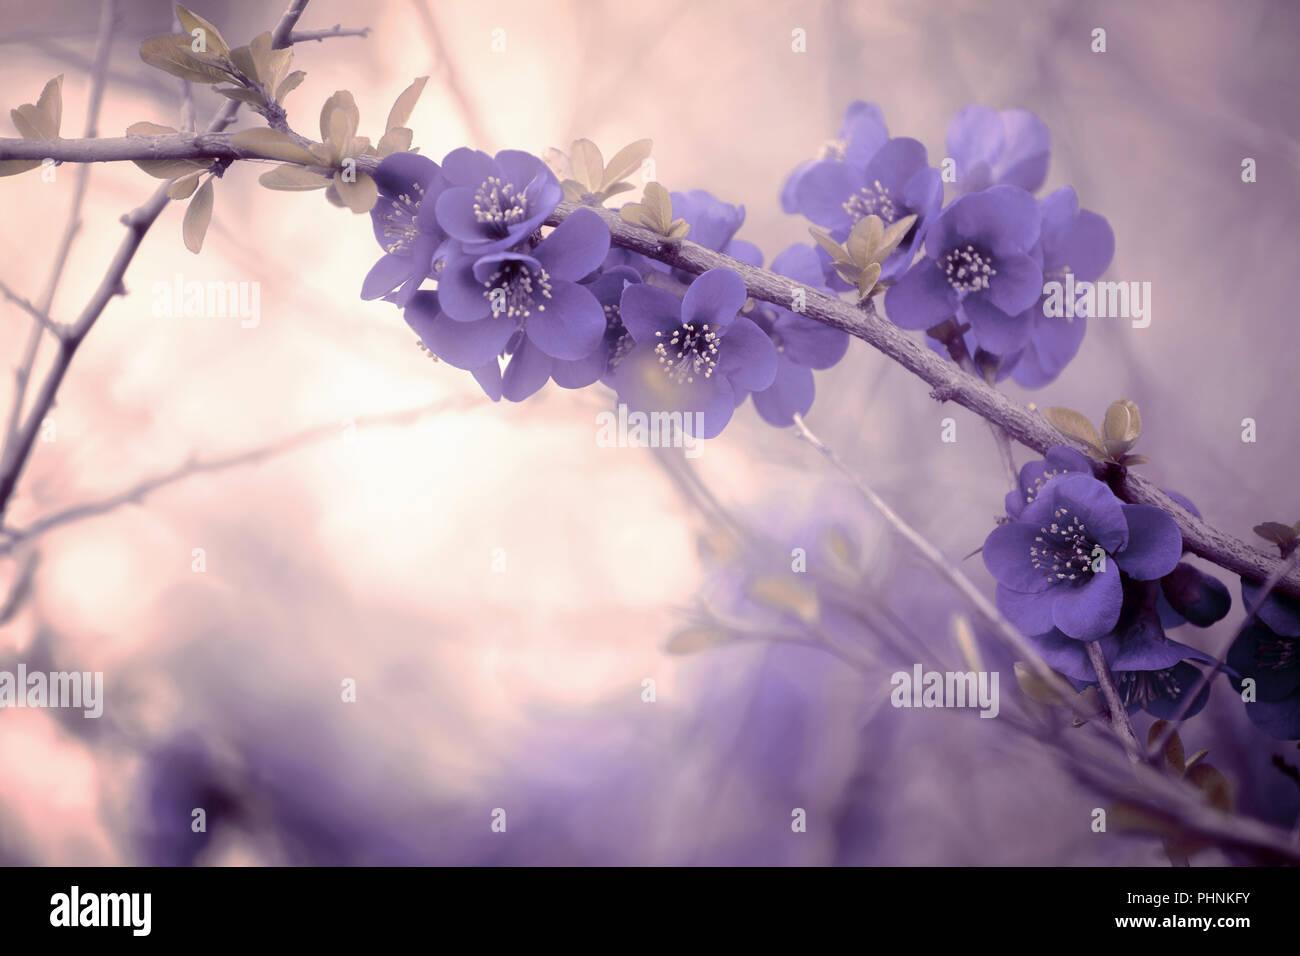 Avec la direction générale de l'ambiance pastel fleurs violet Photo Stock